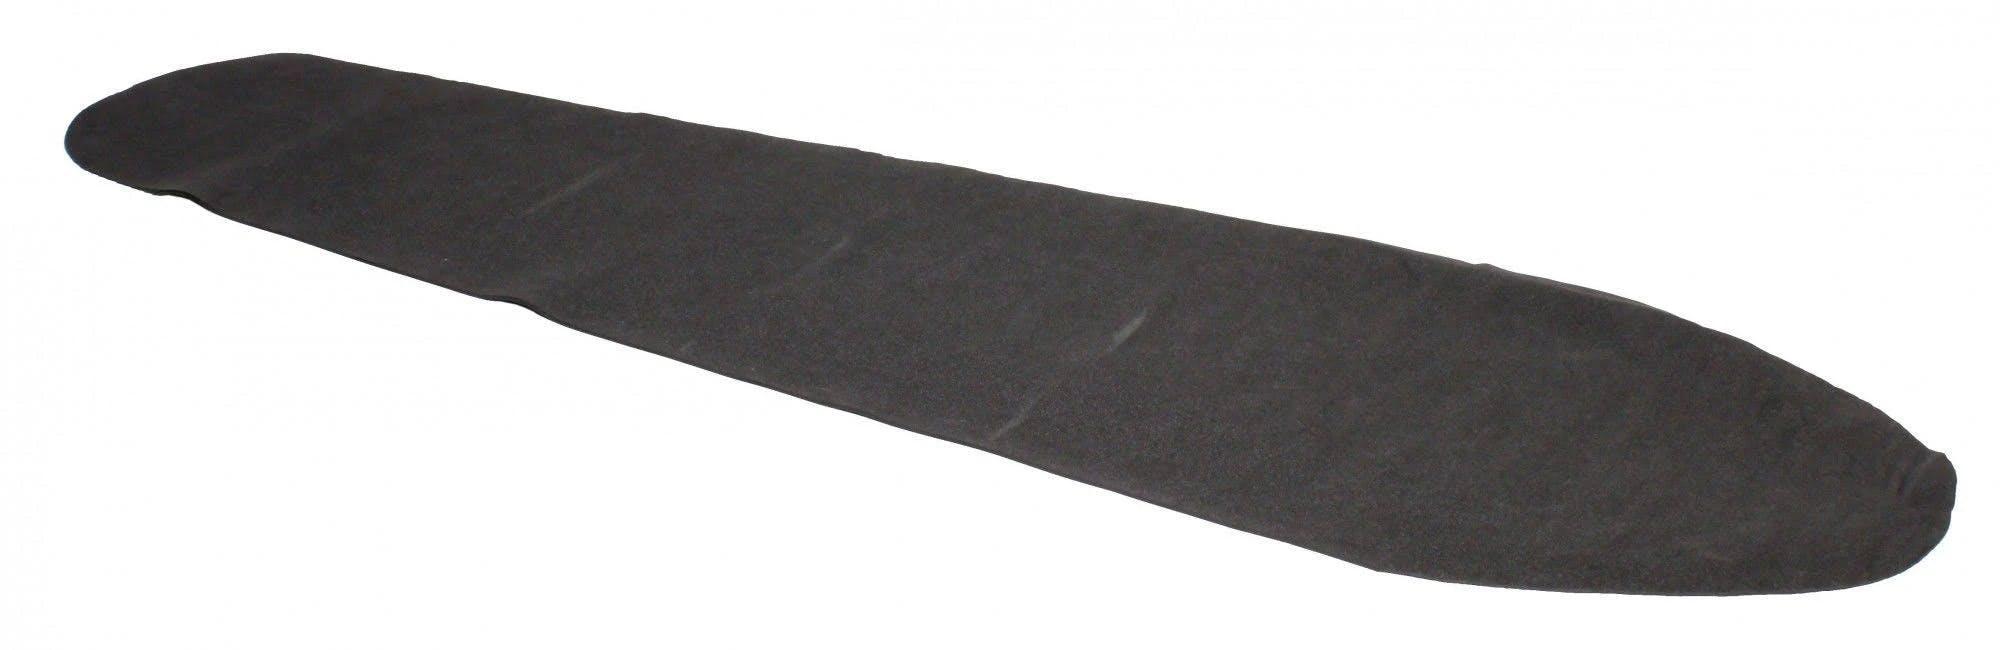 Exped Hypersleep Winter Sleeping Pad-Black